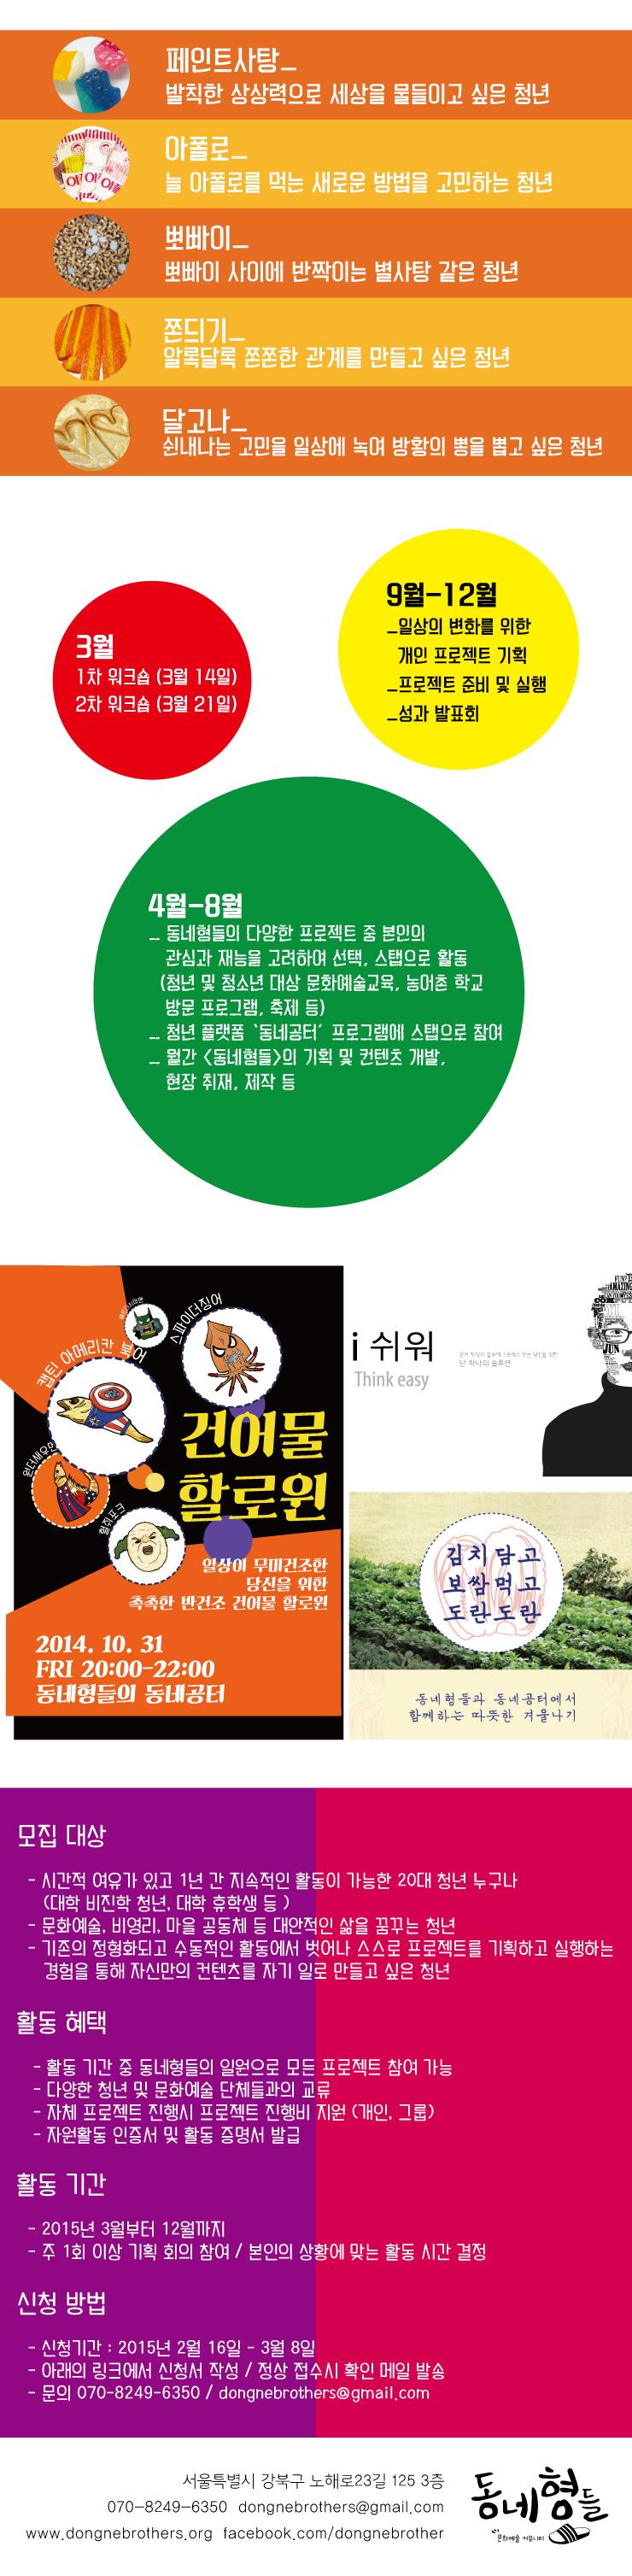 불량식품연구소-홍보물(뉴스).png